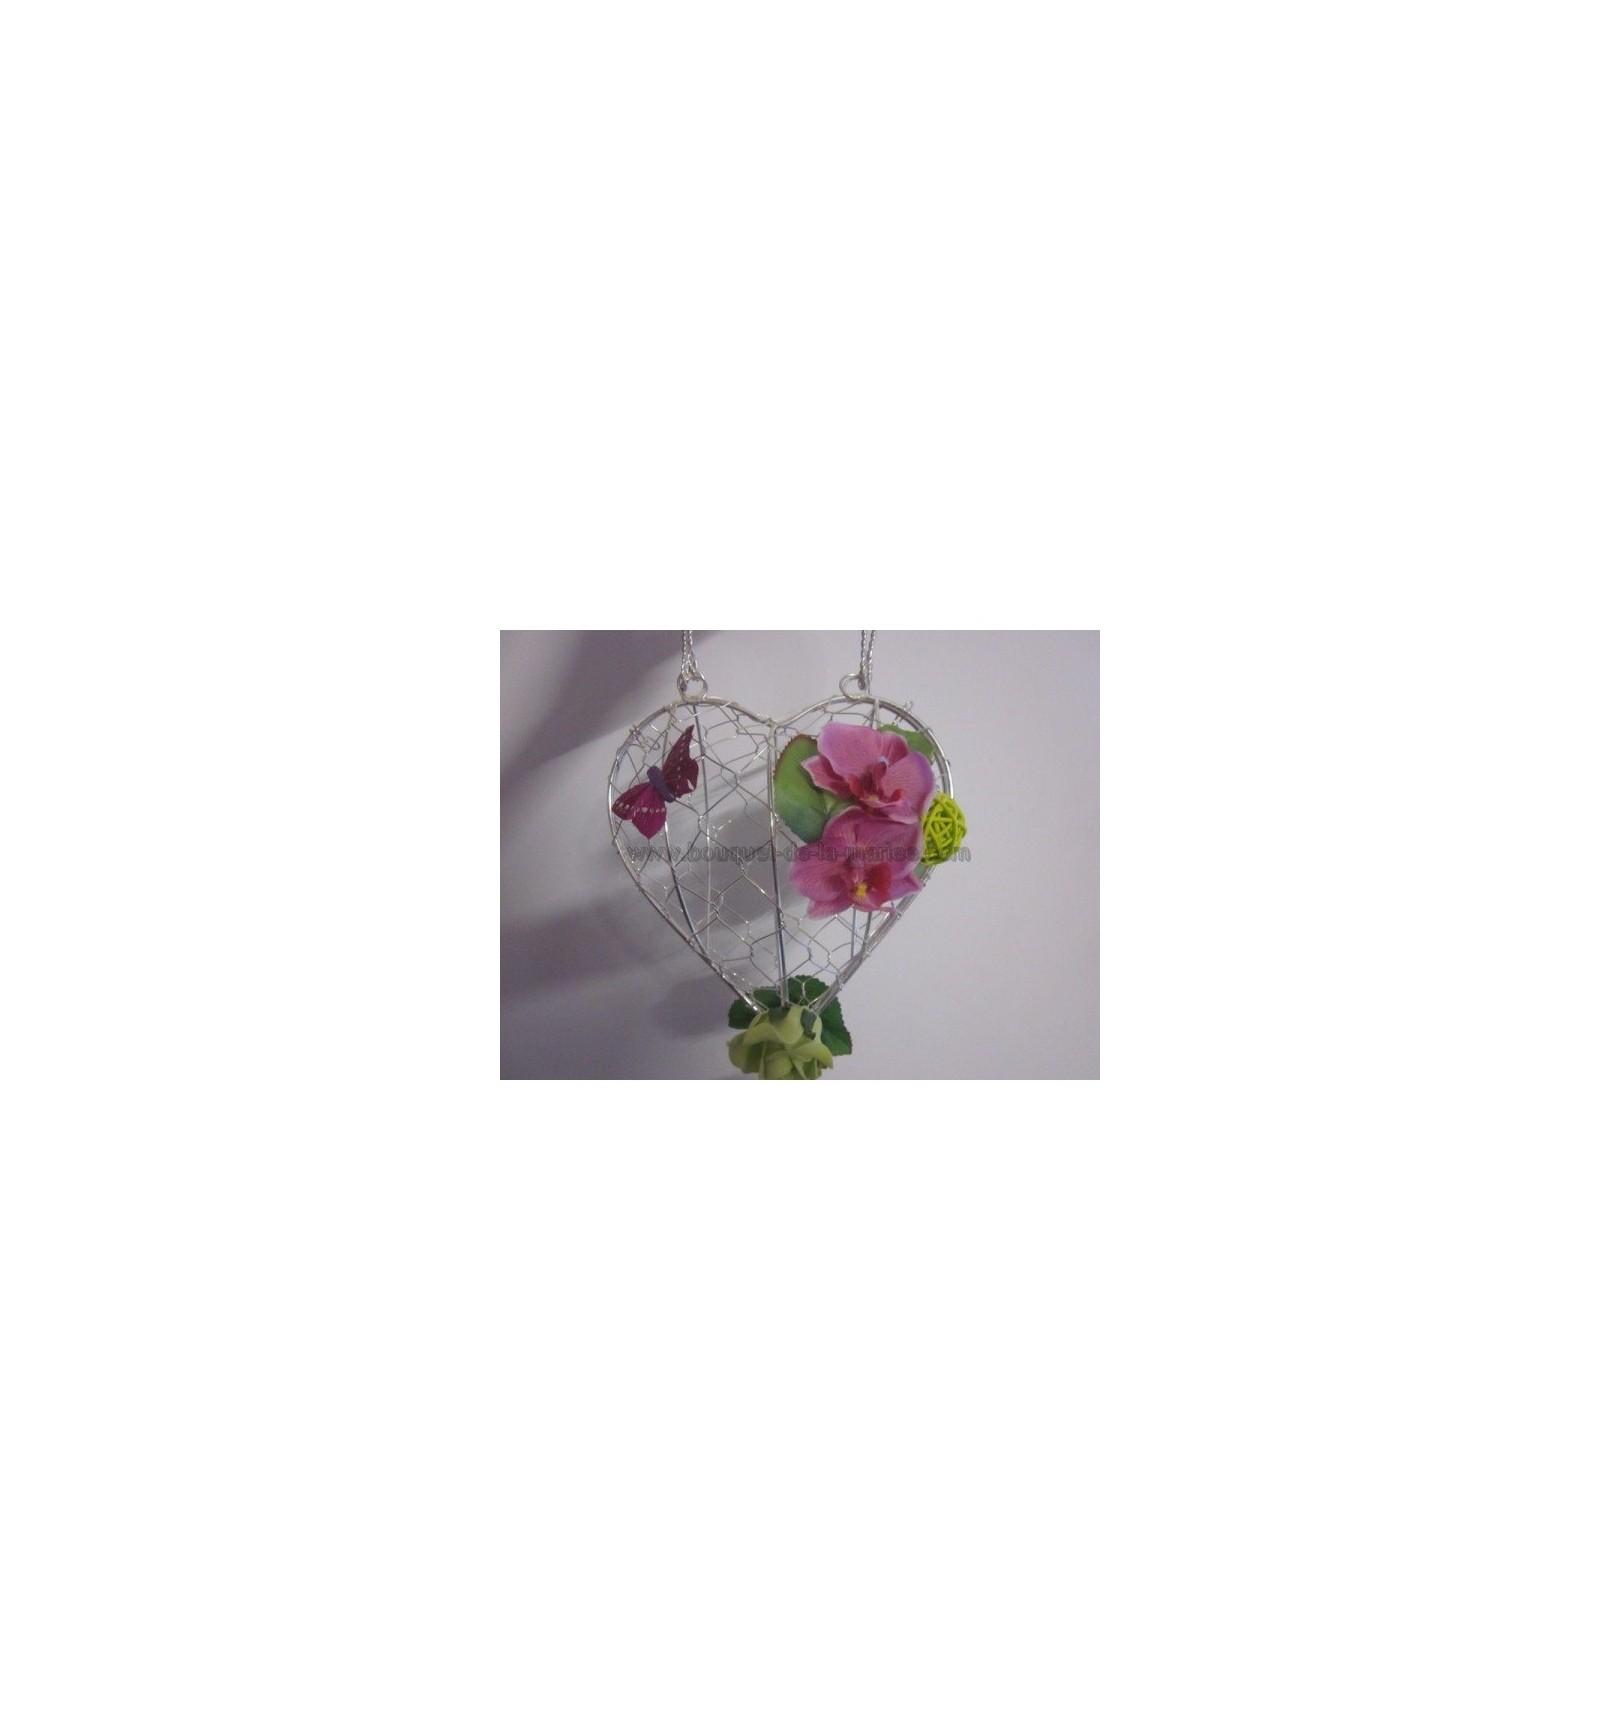 bouquet sac à main en forme de cœur pour mariage - bouquet-de-la-mariee